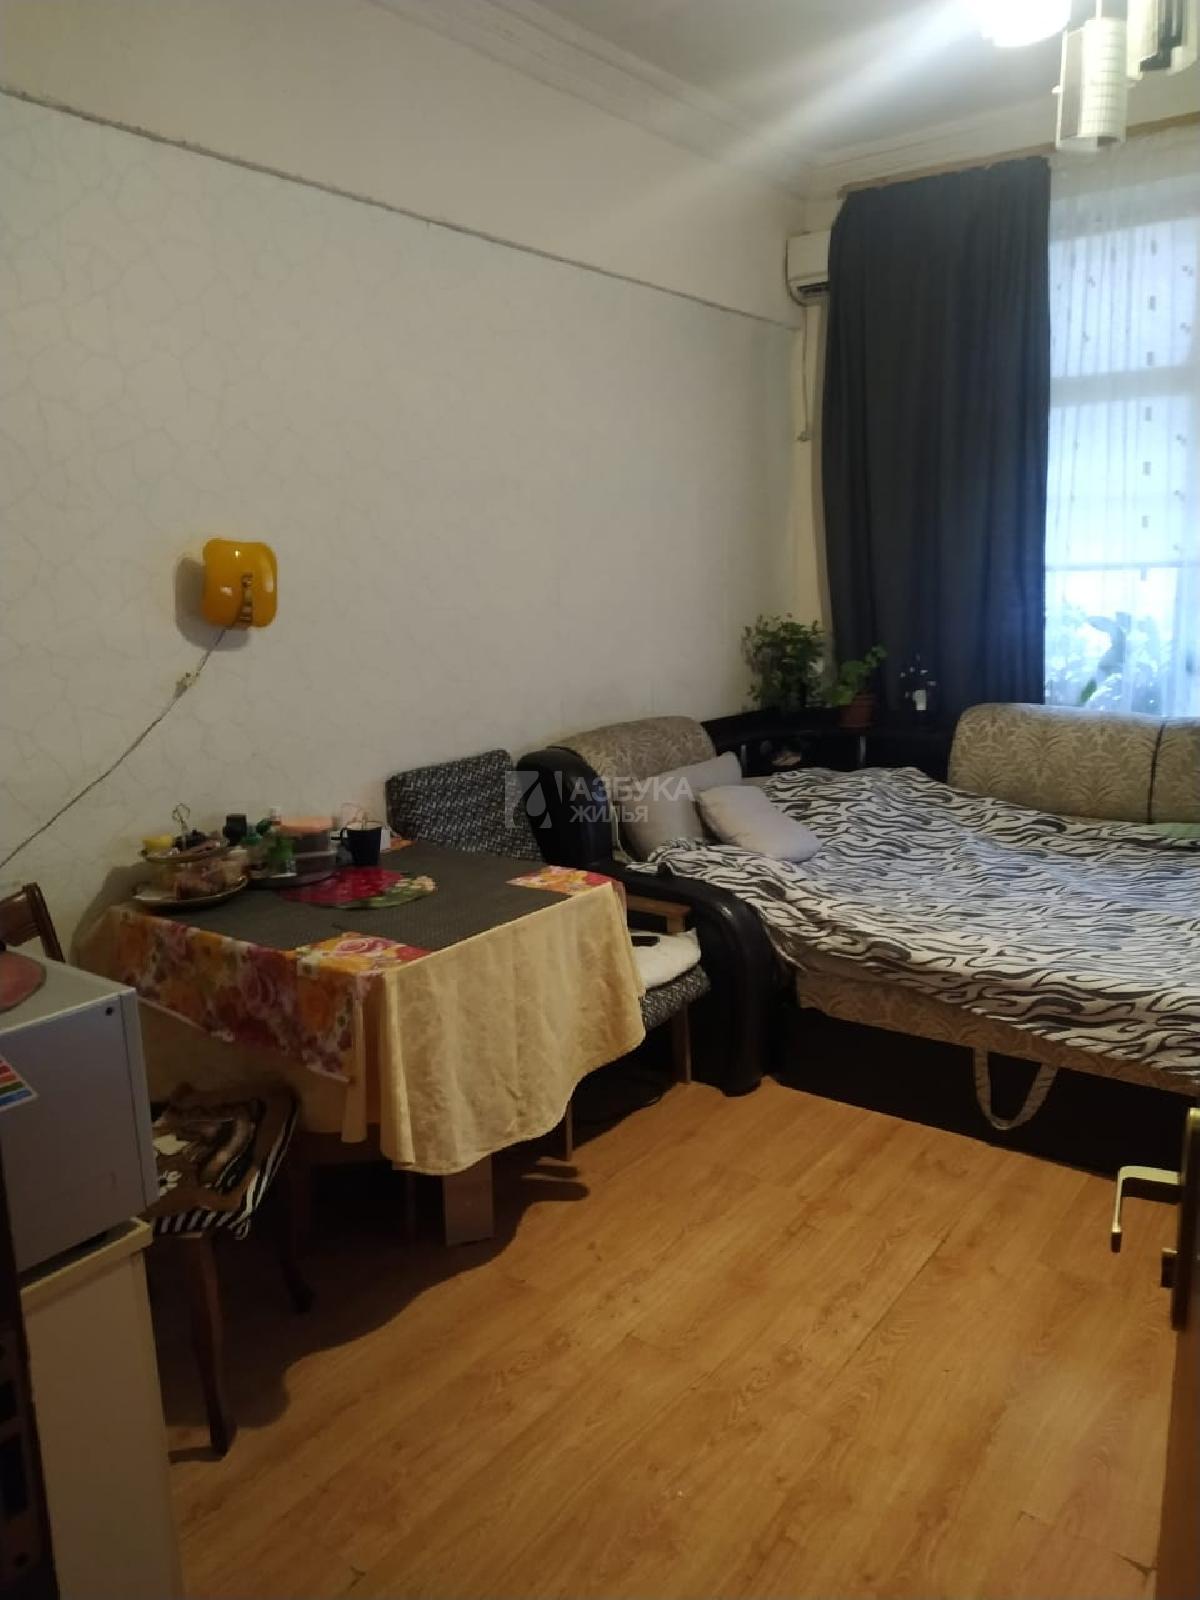 Фото №12 - 3-комнатная квартира, Москва, Хуторская 1-я улица 16/26 корпус 2, метро Дмитровская